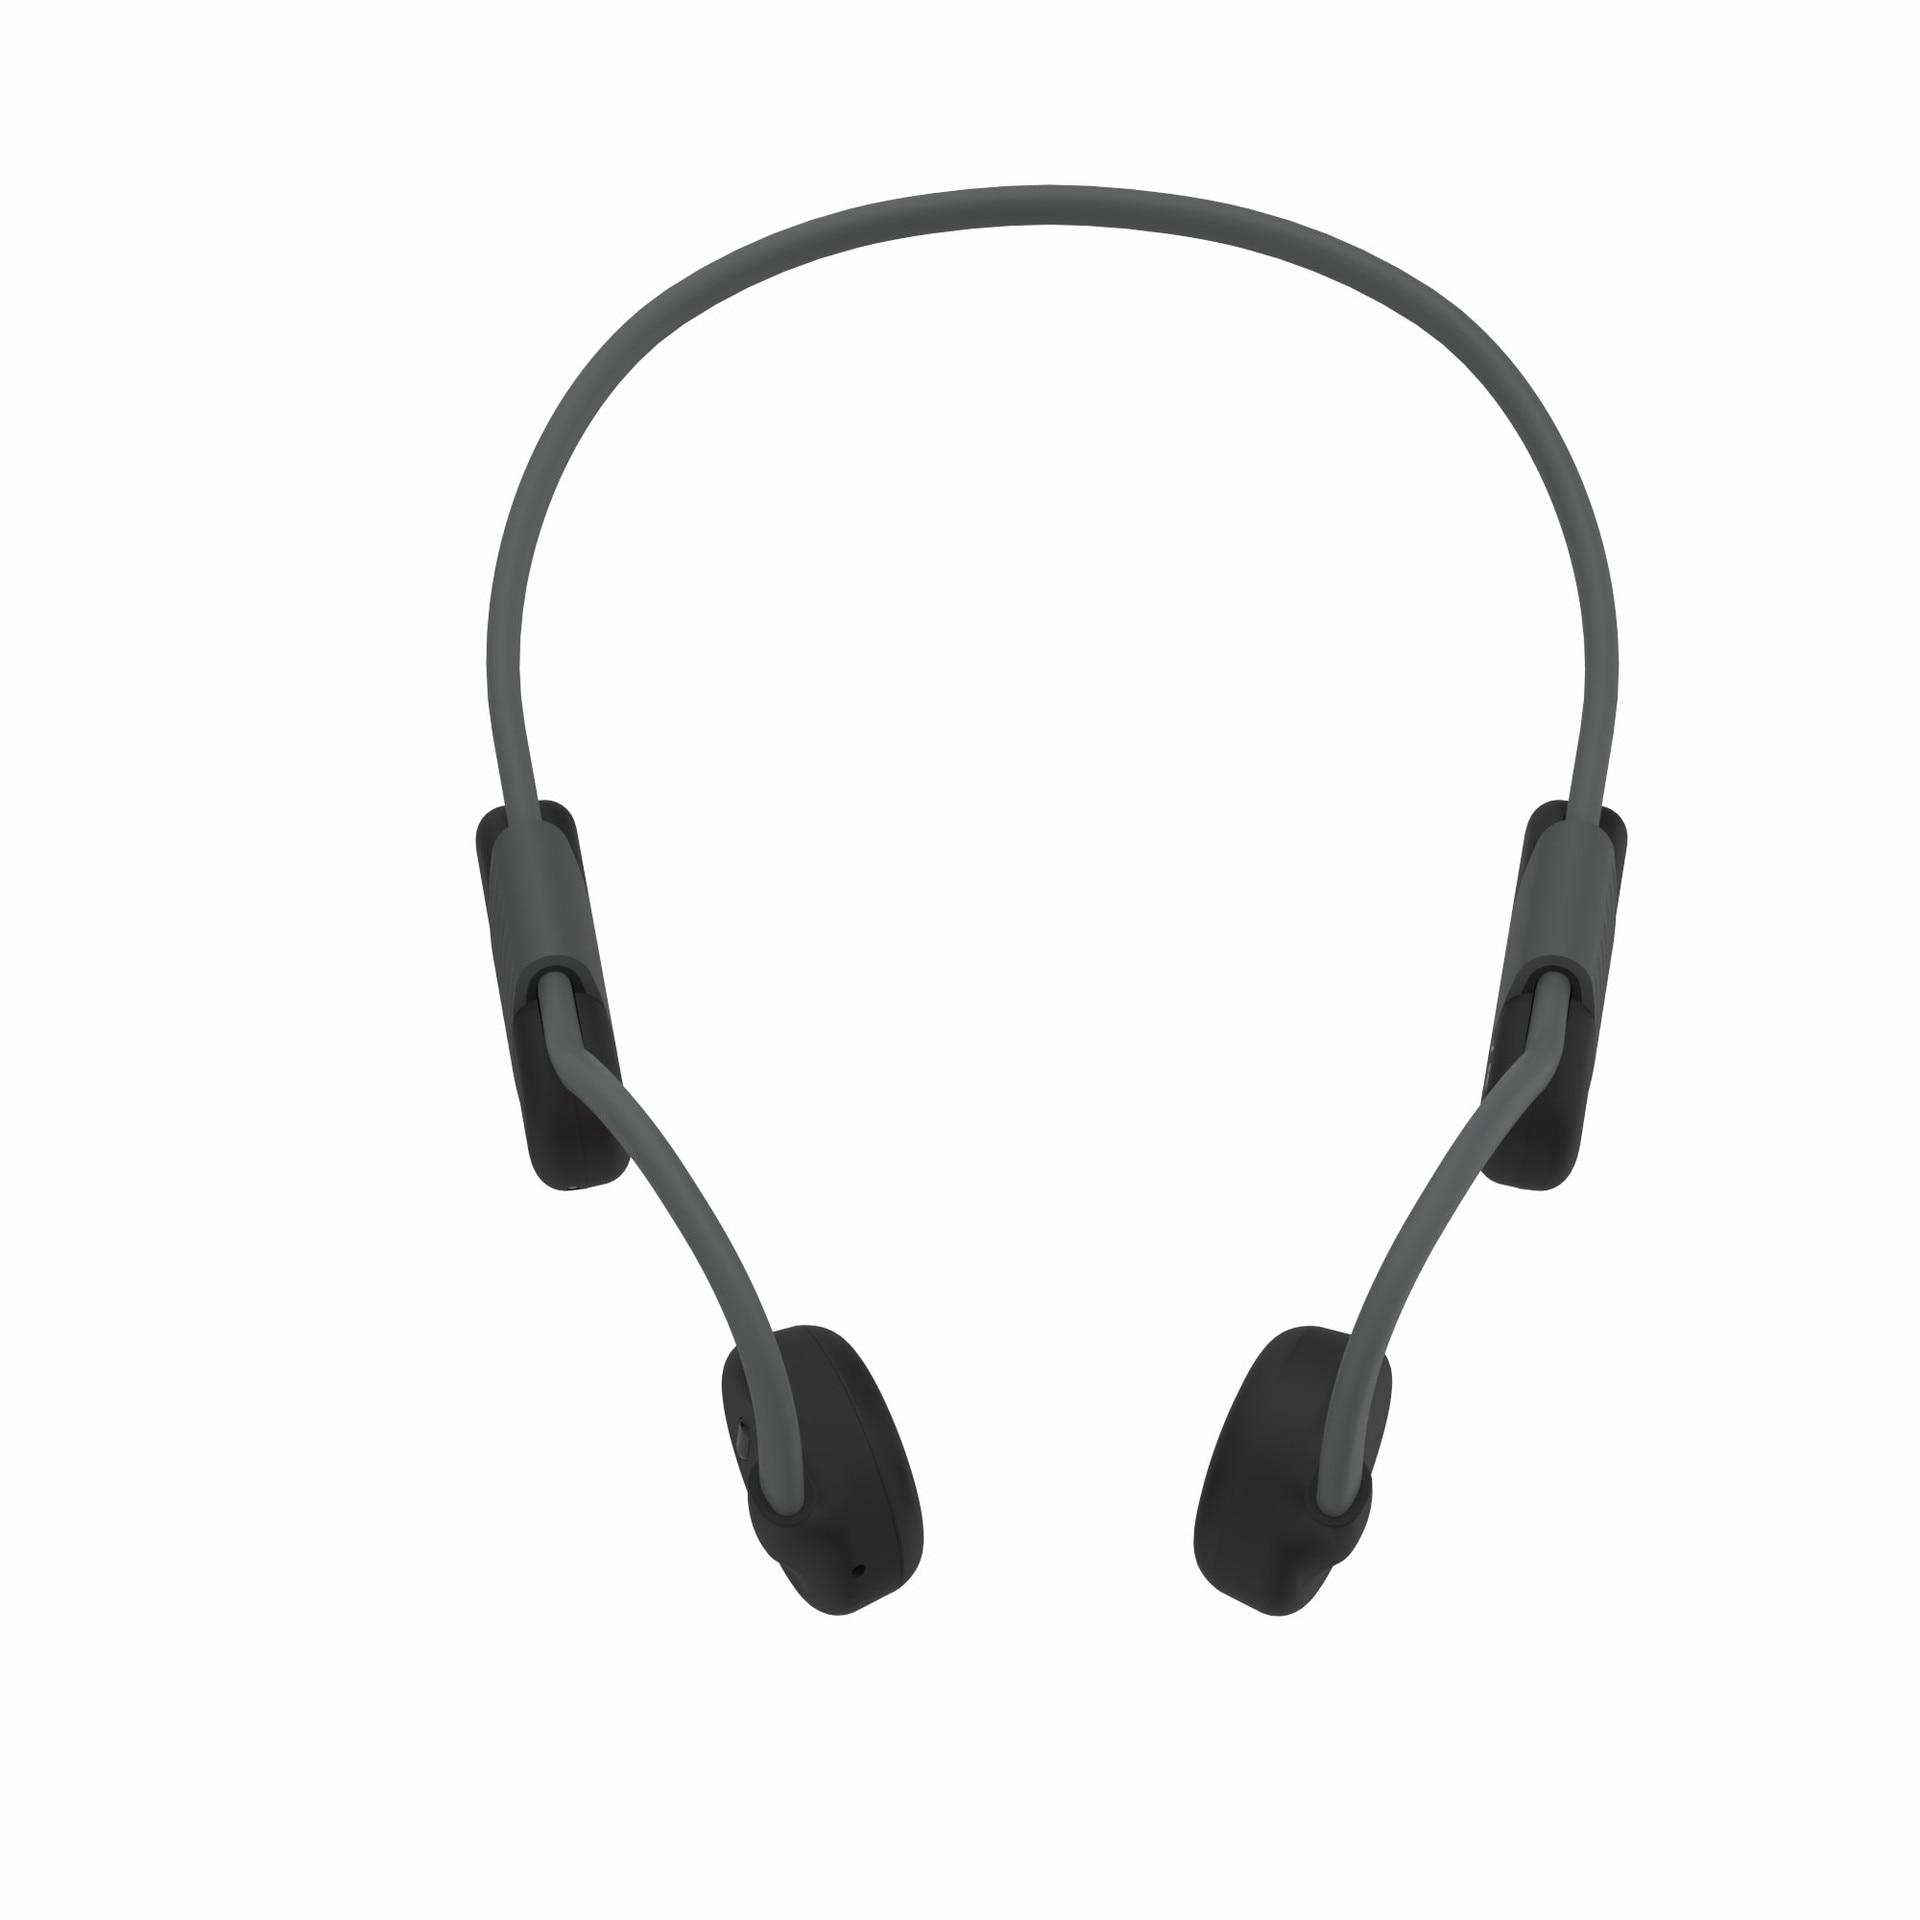 سماعة رأس بخاصية البلوتوث لتوصيل العظام ملابس مريحة الاستماع للأغاني الرد على المكالمات الهاتفية جودة عالية HiFi جودة الصوت